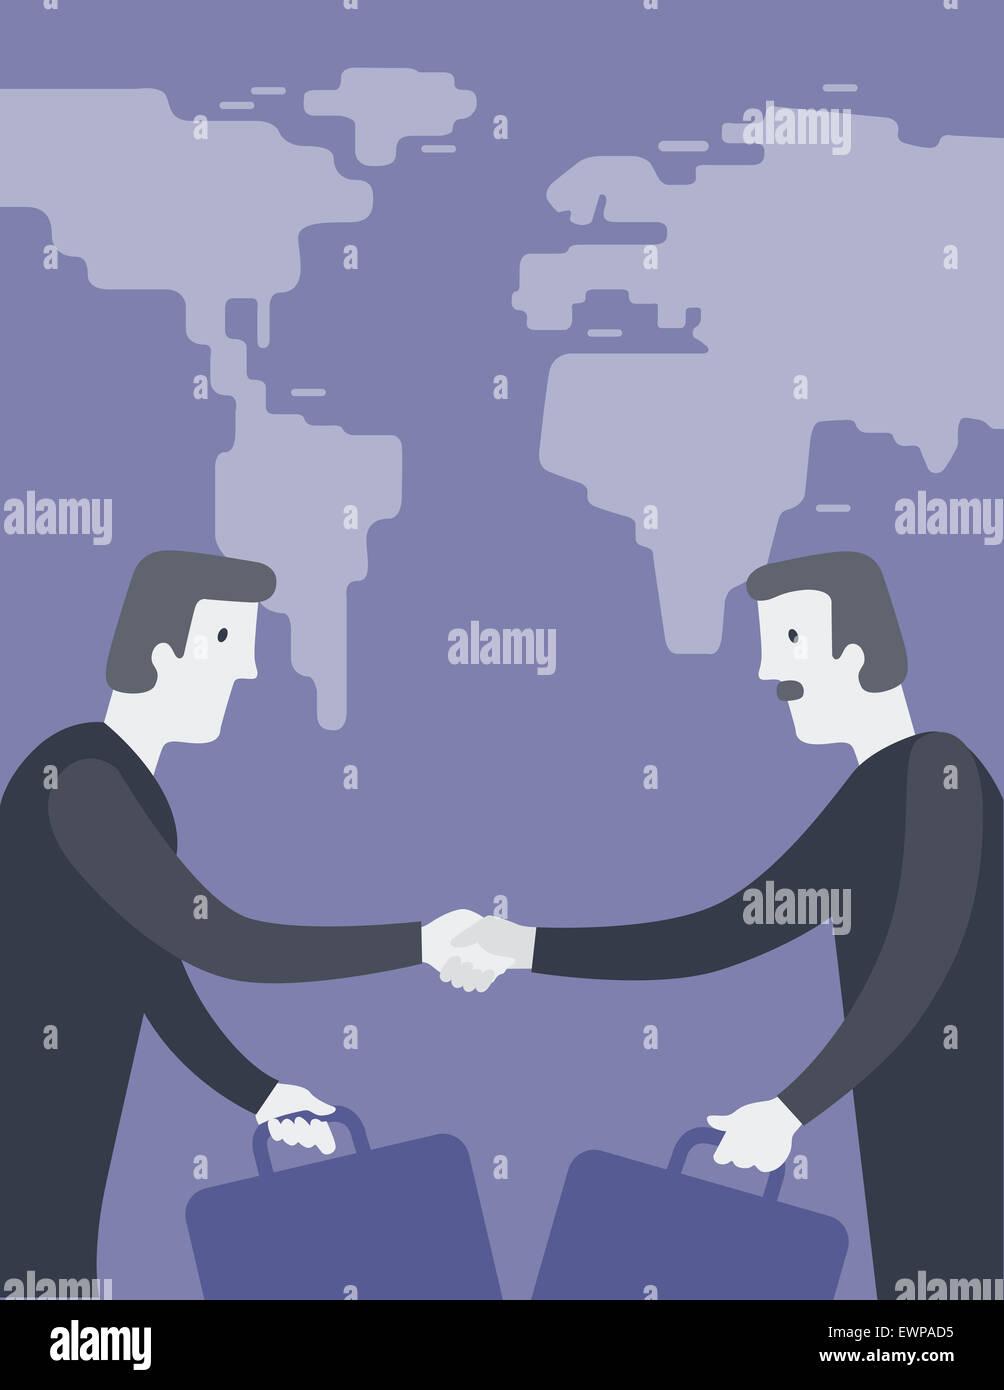 Voir le profil de deux businessmen shaking hands Photo Stock